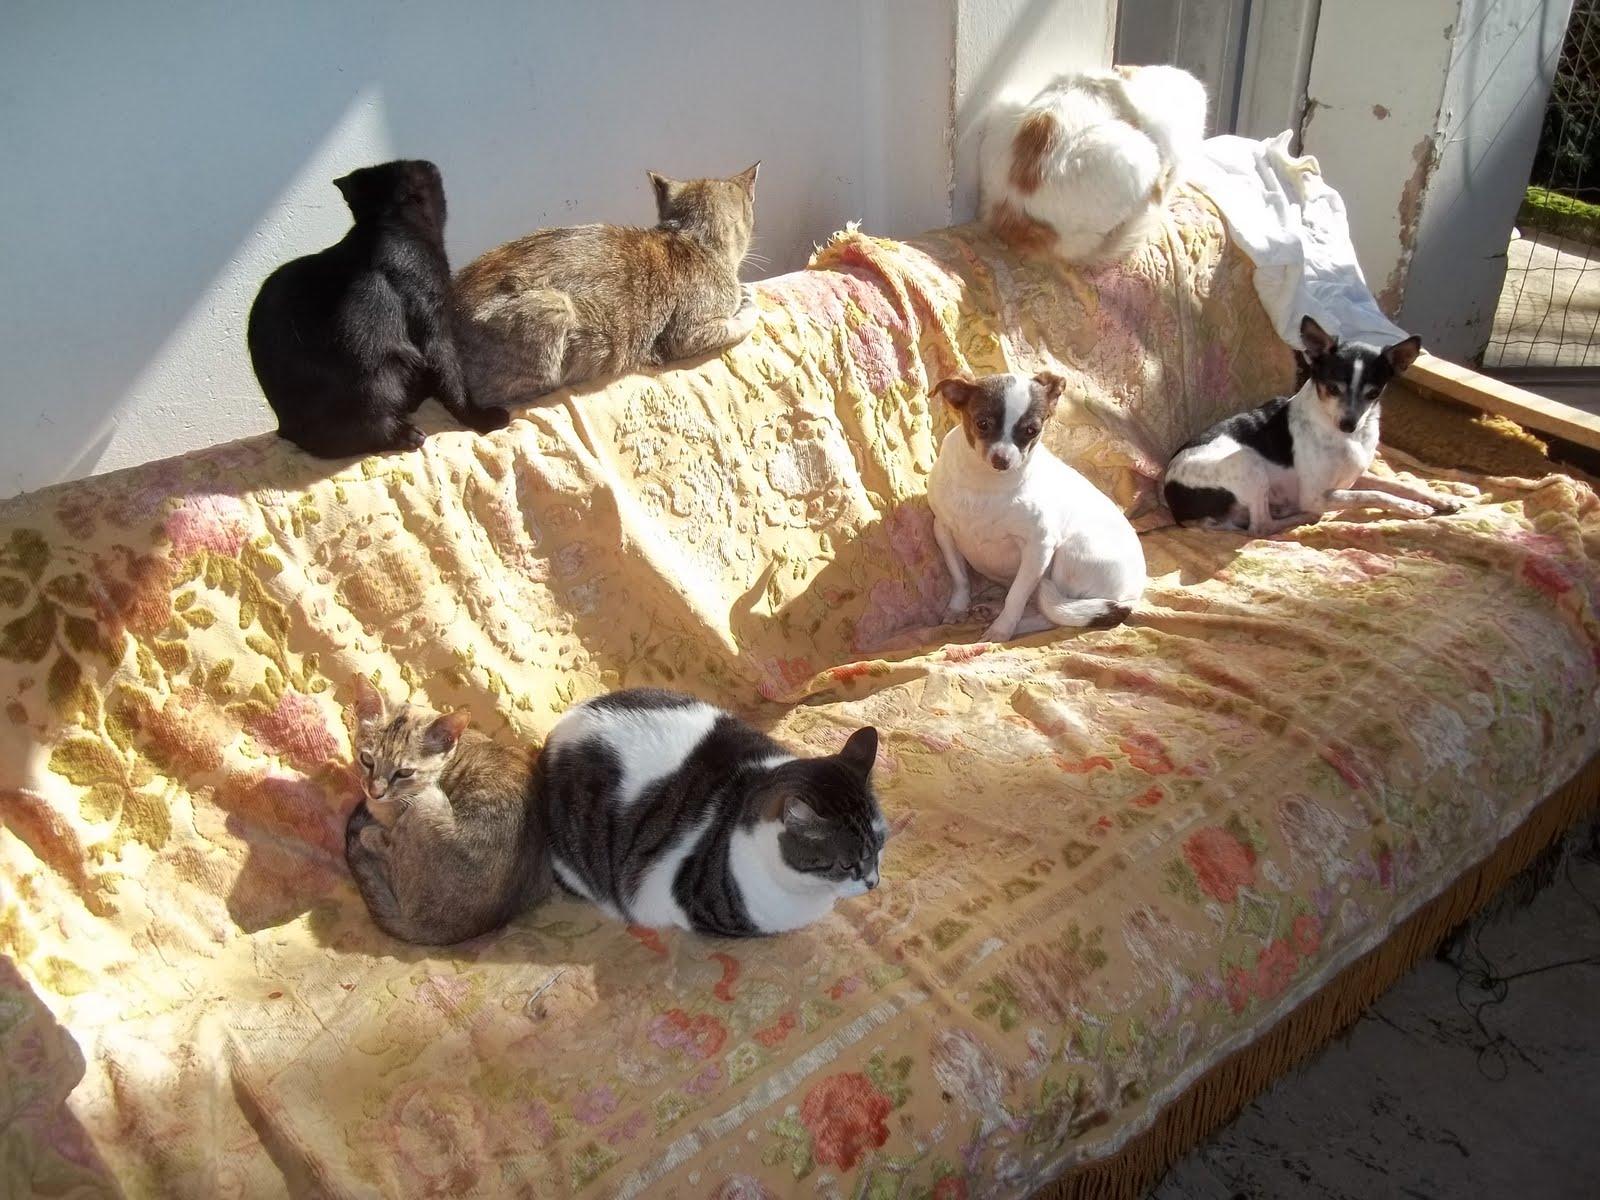 Panos e Pets da Beth: Hauskatzen Vitinho um pouco de liberdade #977534 1600x1200